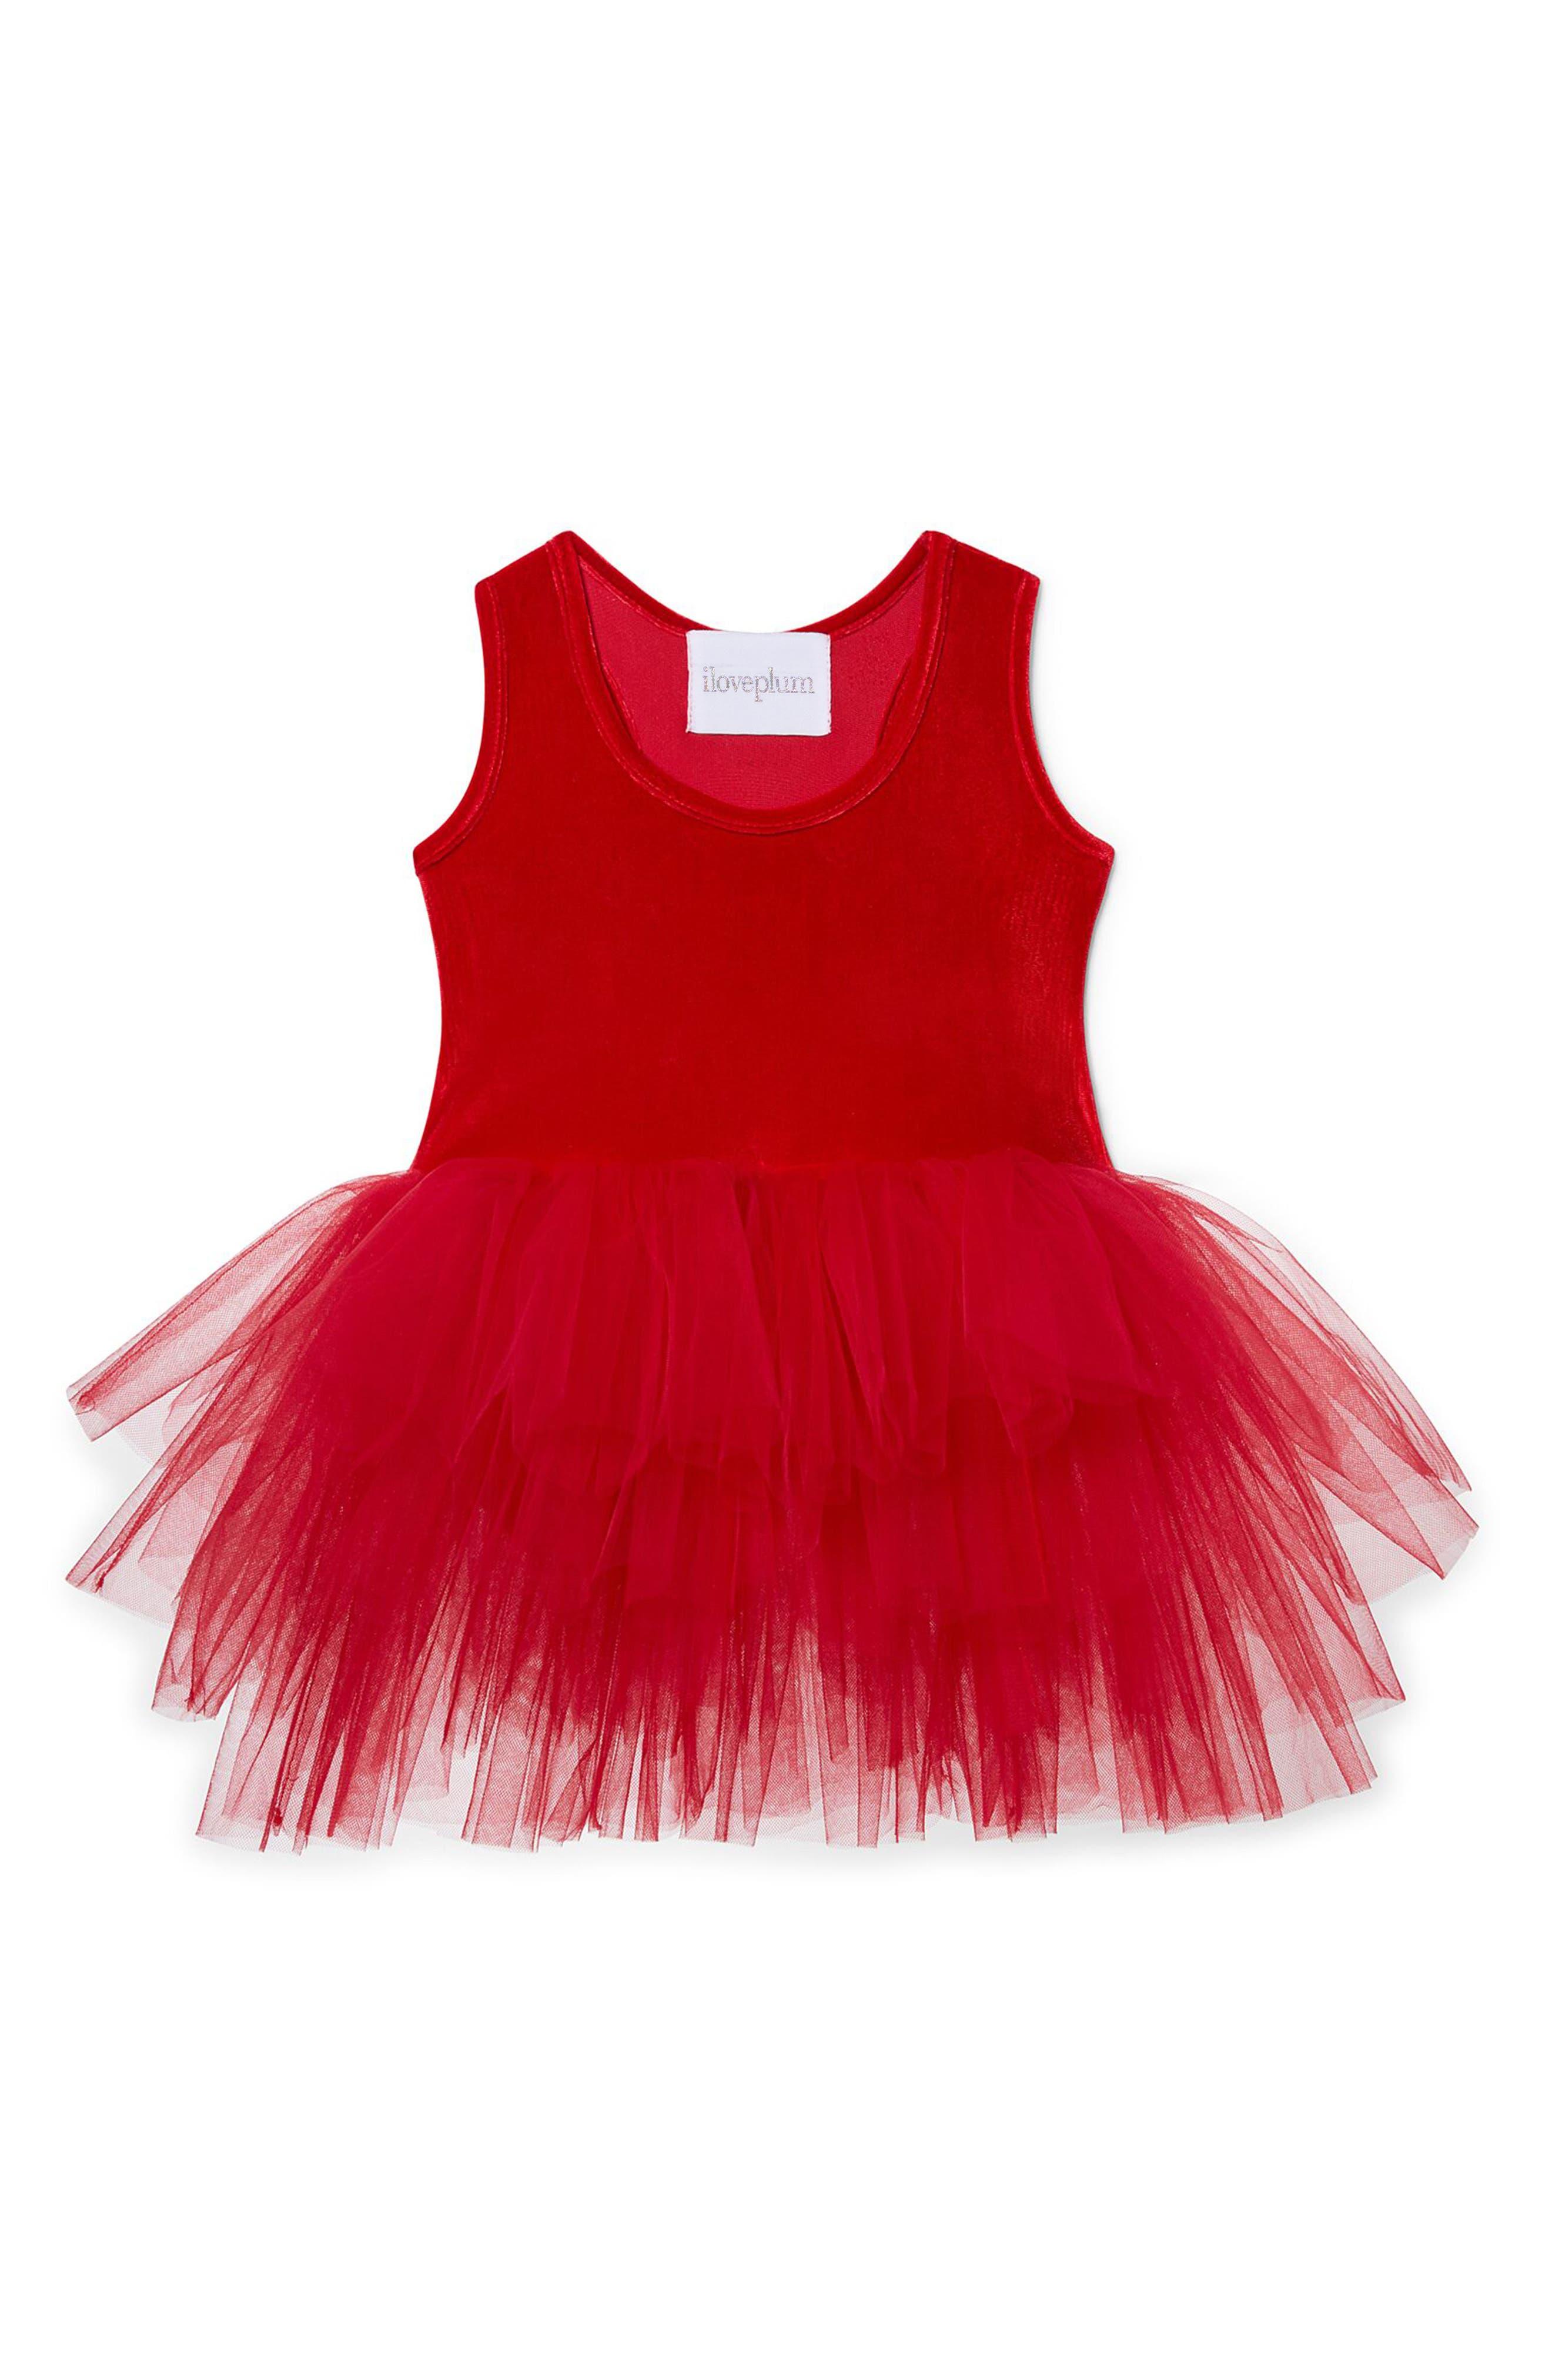 Main Image - iloveplum Velvet & Tulle Tutu Dress (Toddler Girls, Little Girls & Big Girls)